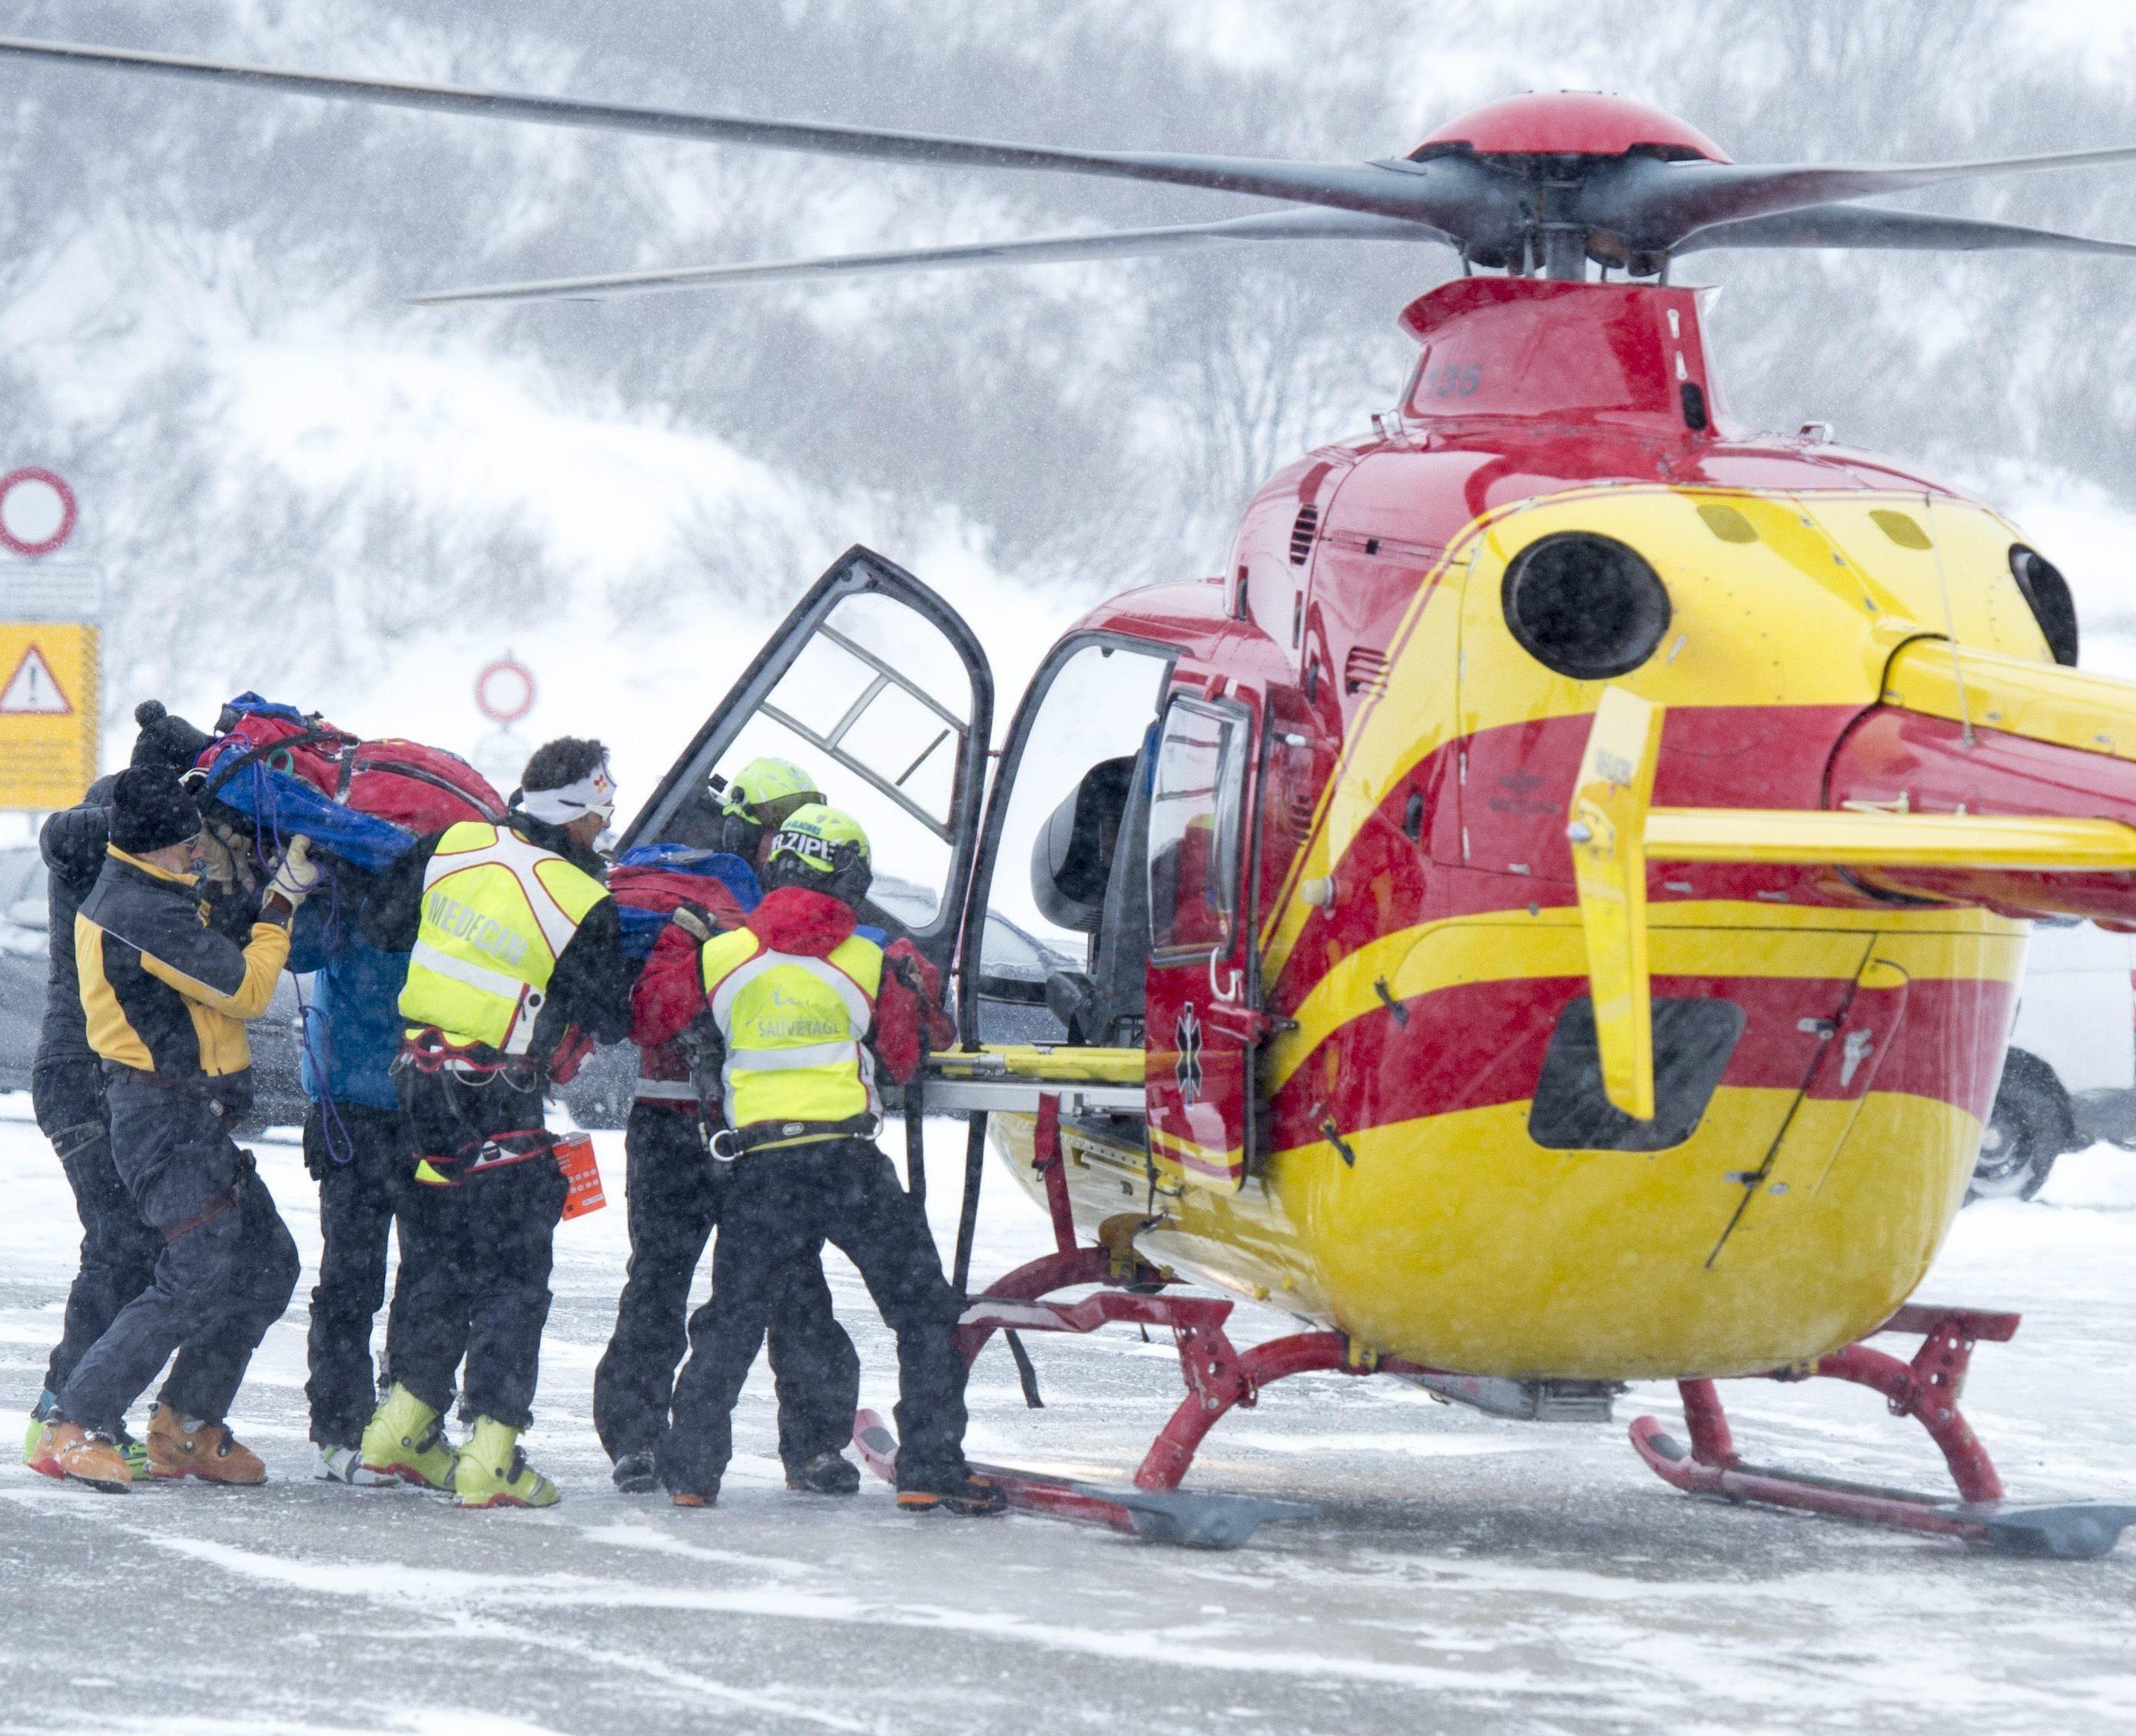 Valle di Susa, gruppo di sciatori travolti da slavina: due morti. Salvi altri due scialpinisti